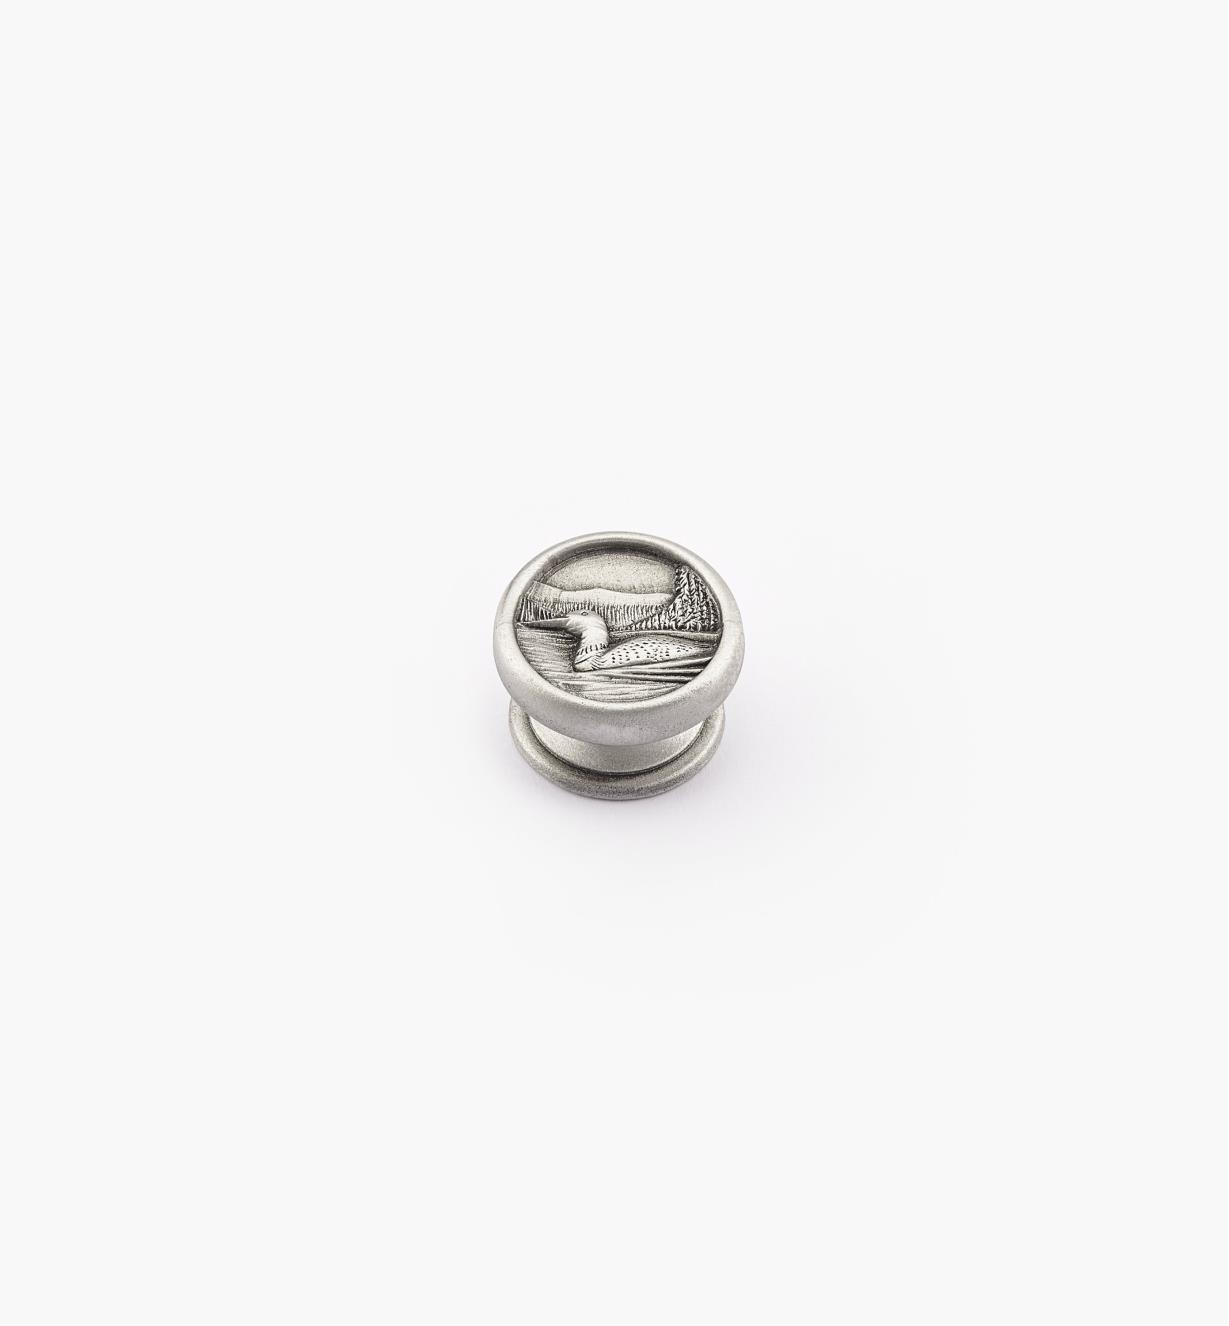 00F2601 - Bouton huard, série Nature en étain, 1 3/16 po x 3/4 po